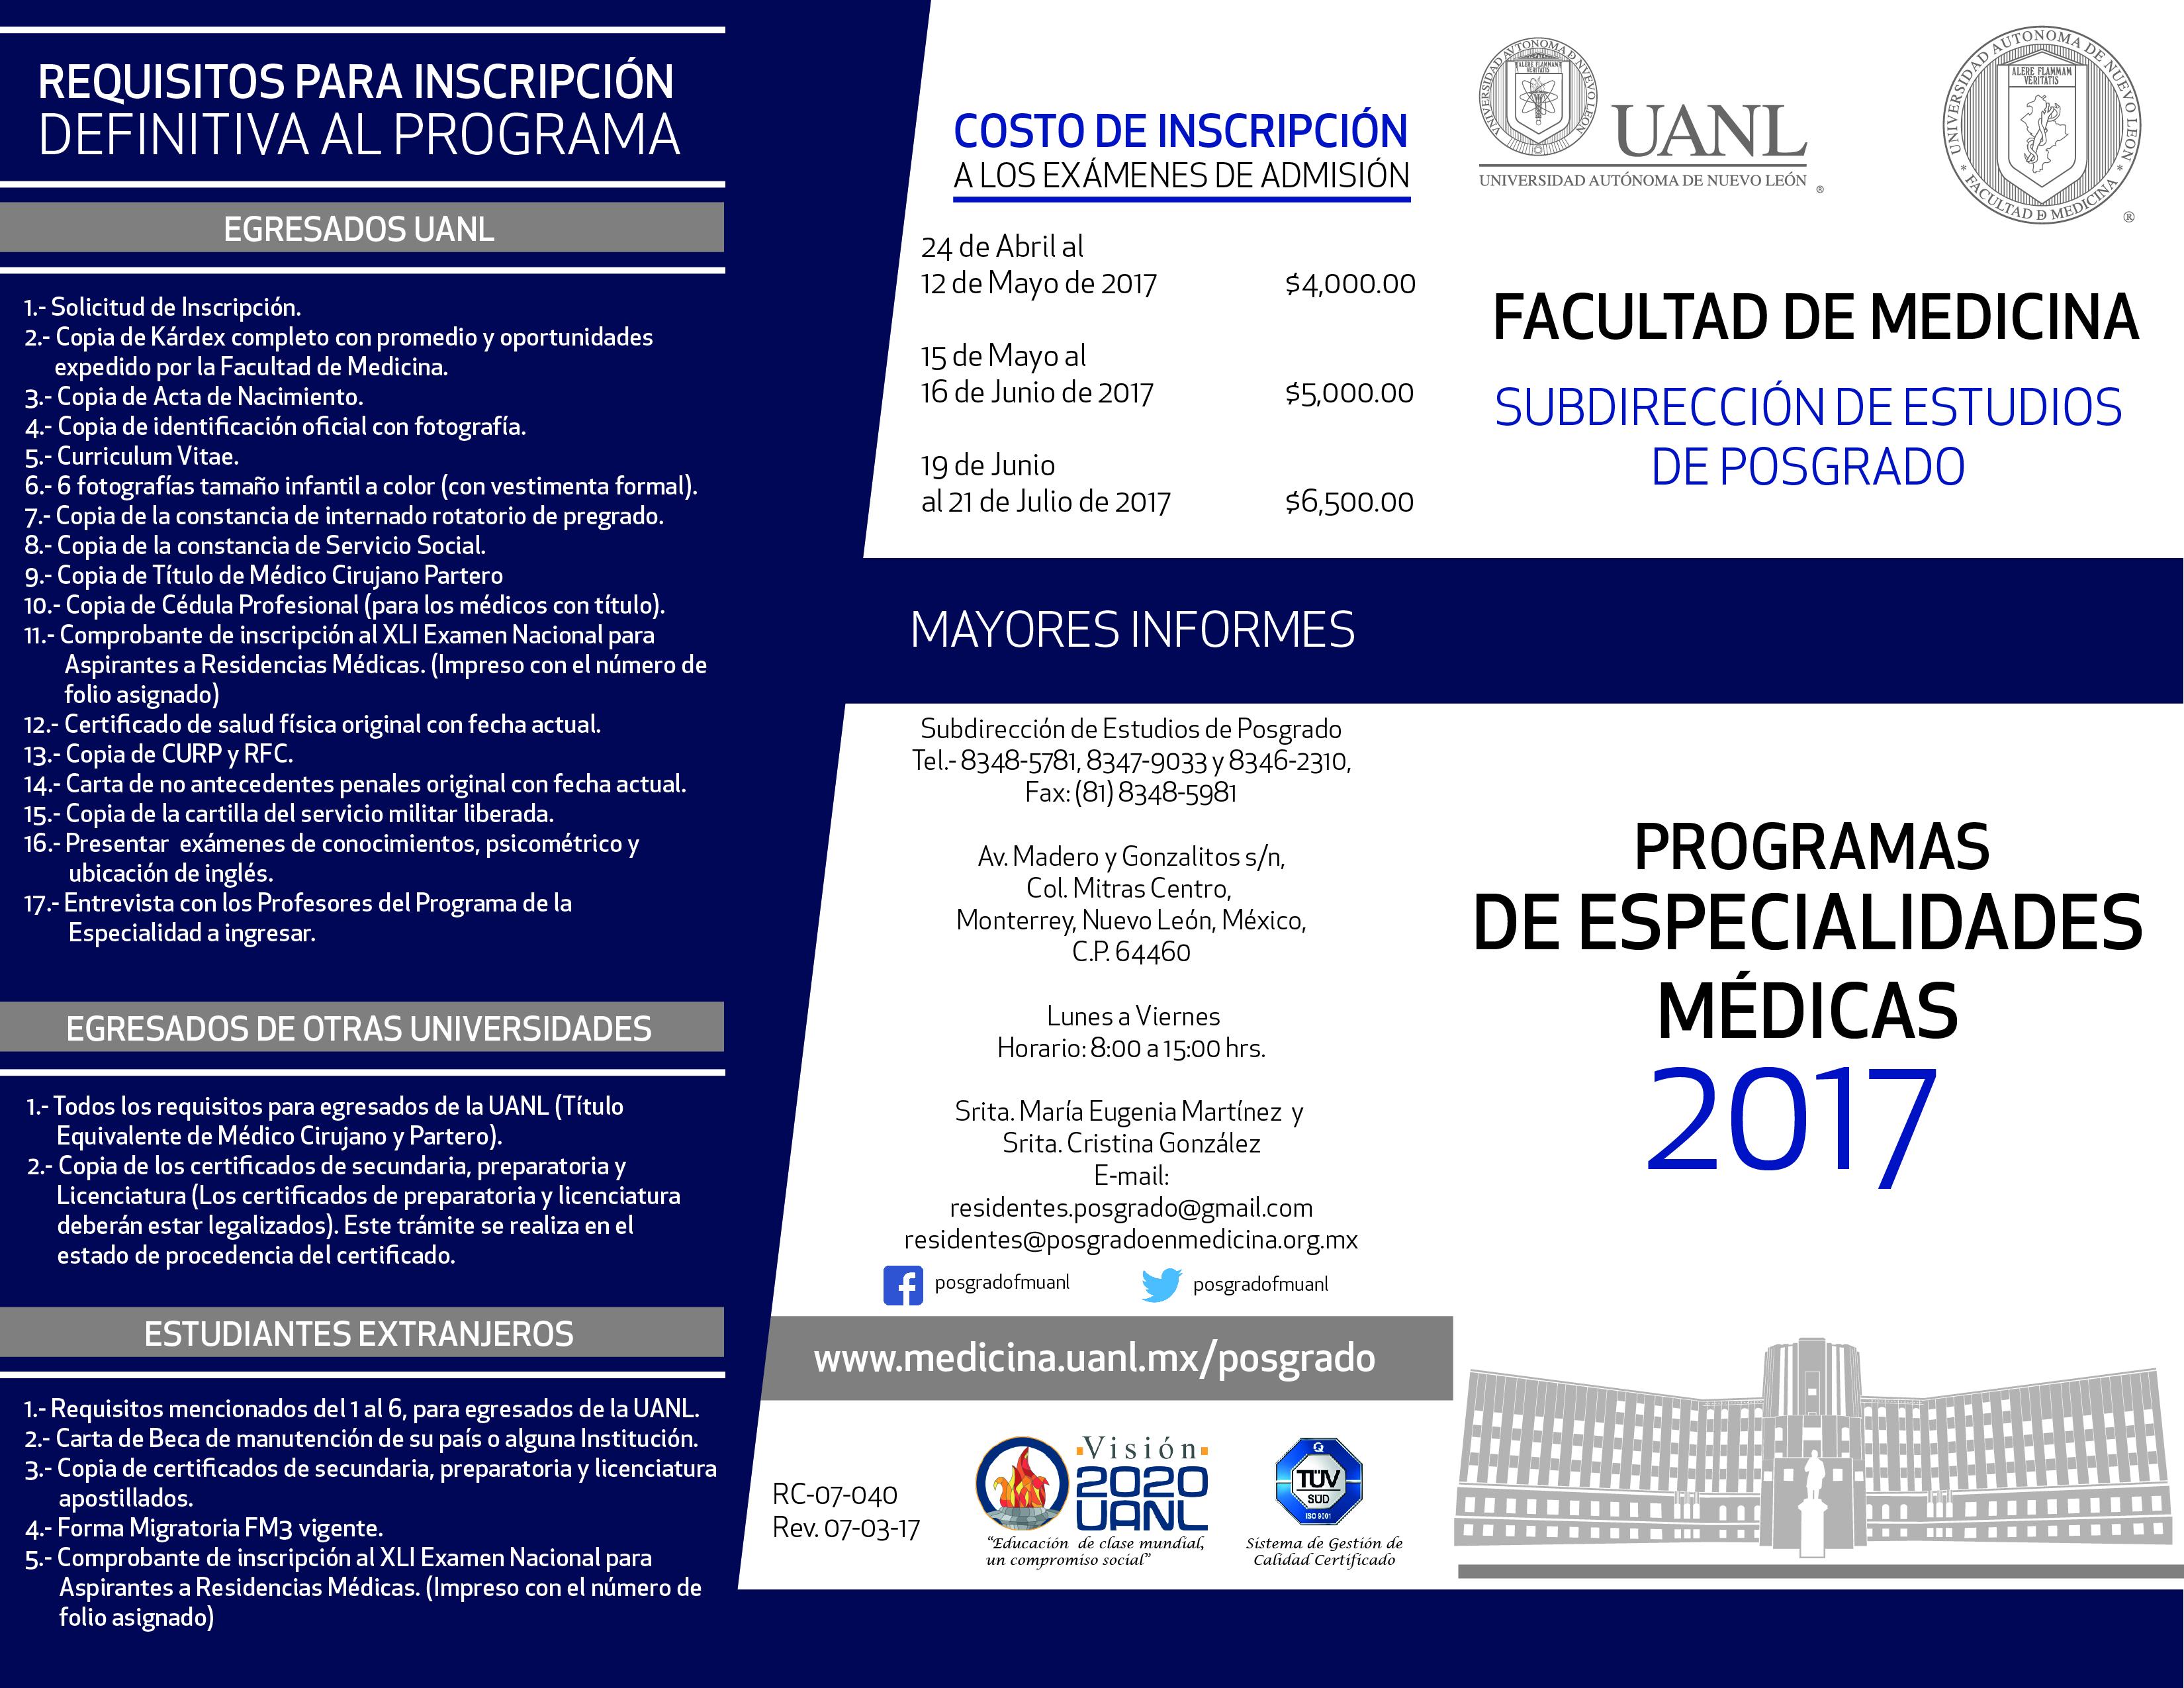 2018 - Convocatoria HU UANL 2017  - Página 5 Tri%CC%81ptico-1